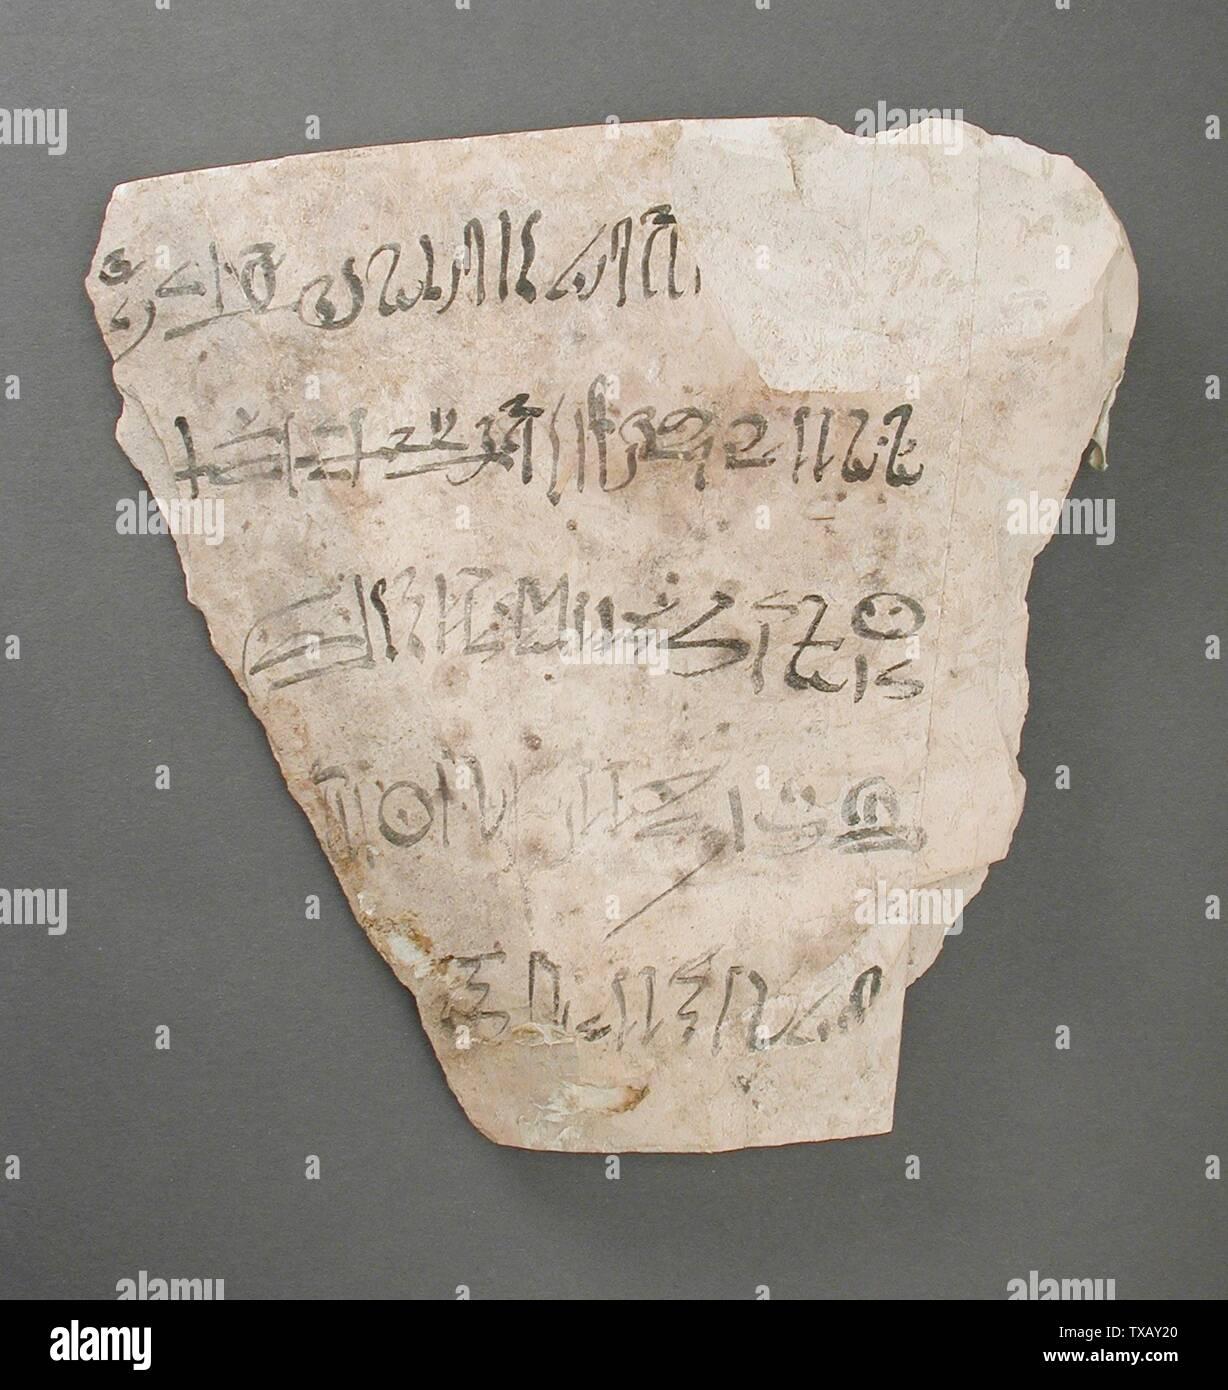 'Ostracon inscrit avec une lettre à l'Vizir; Egypte, Nouvel Empire, 19e et 20e dynastie (1315 - 1081 avant notre ère) Outils et équipement; calcaire ostraka 7 1/16 x 7 5/16 in. (18 x 18,5 cm Don de Carl W. Thomas (M.80.203.210) L'art égyptien; 19e et 20e dynastie (1315 - 1081 avant notre ère); ' Photo Stock